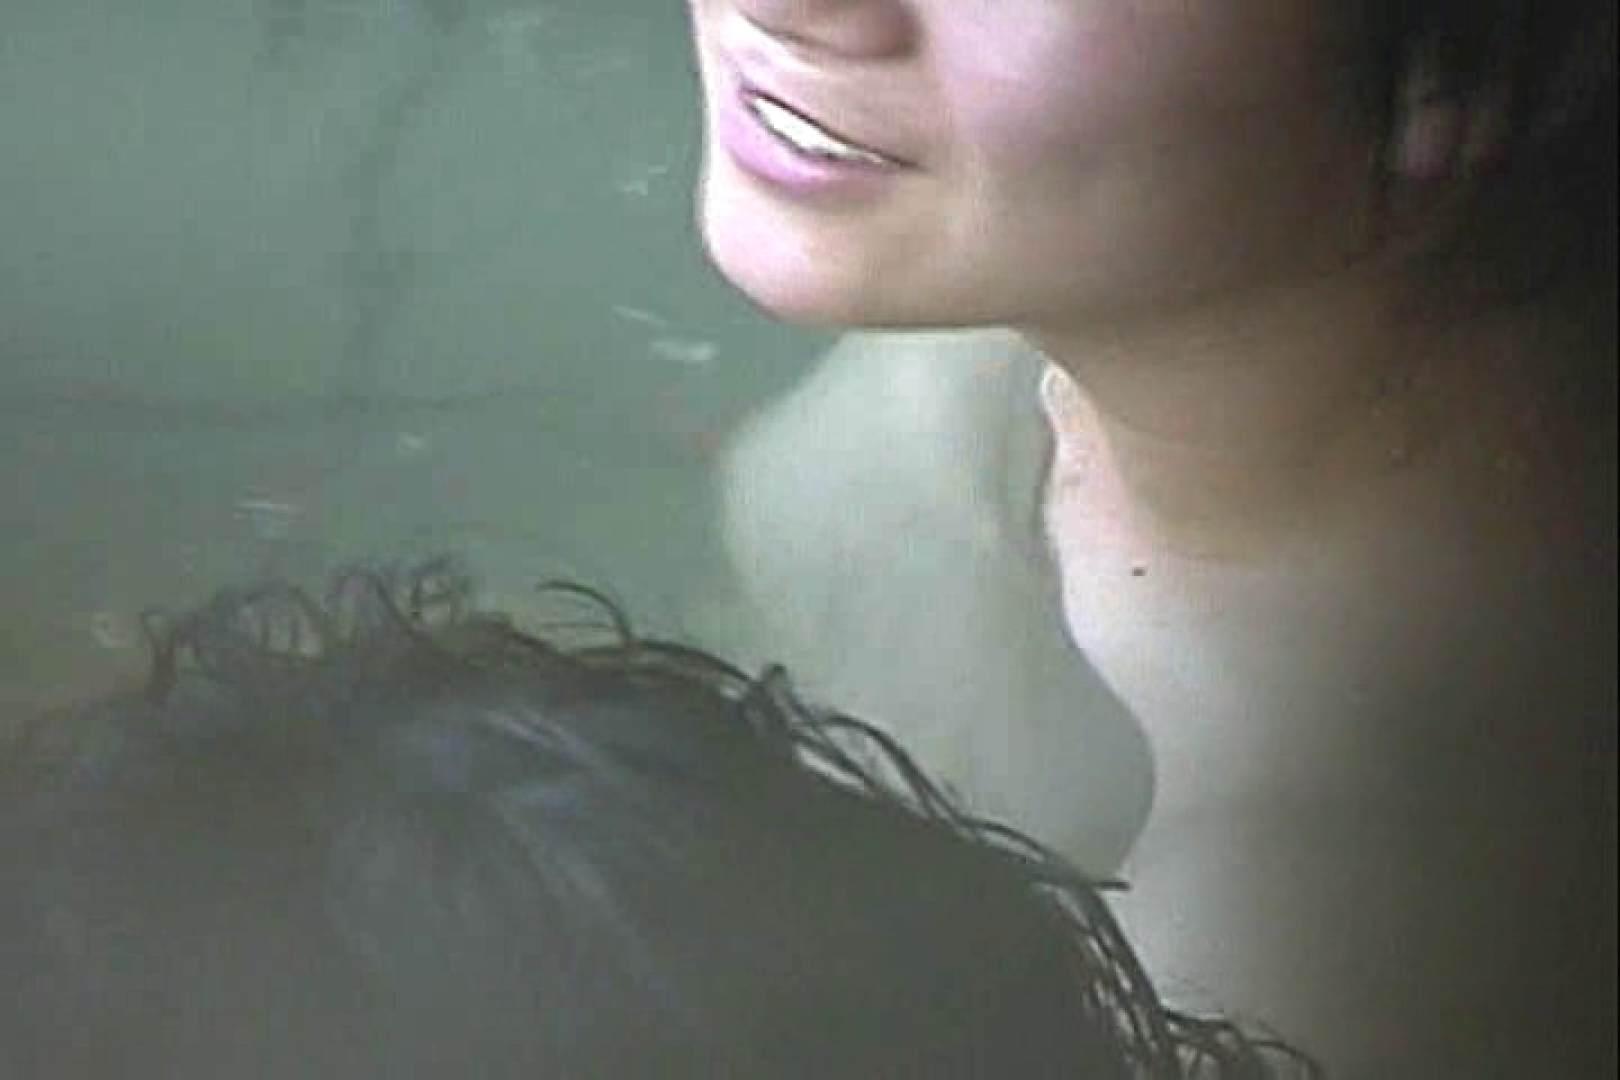 激撮!! 接写天井裏の刺客Vol.4 女子風呂盗撮  79画像 25